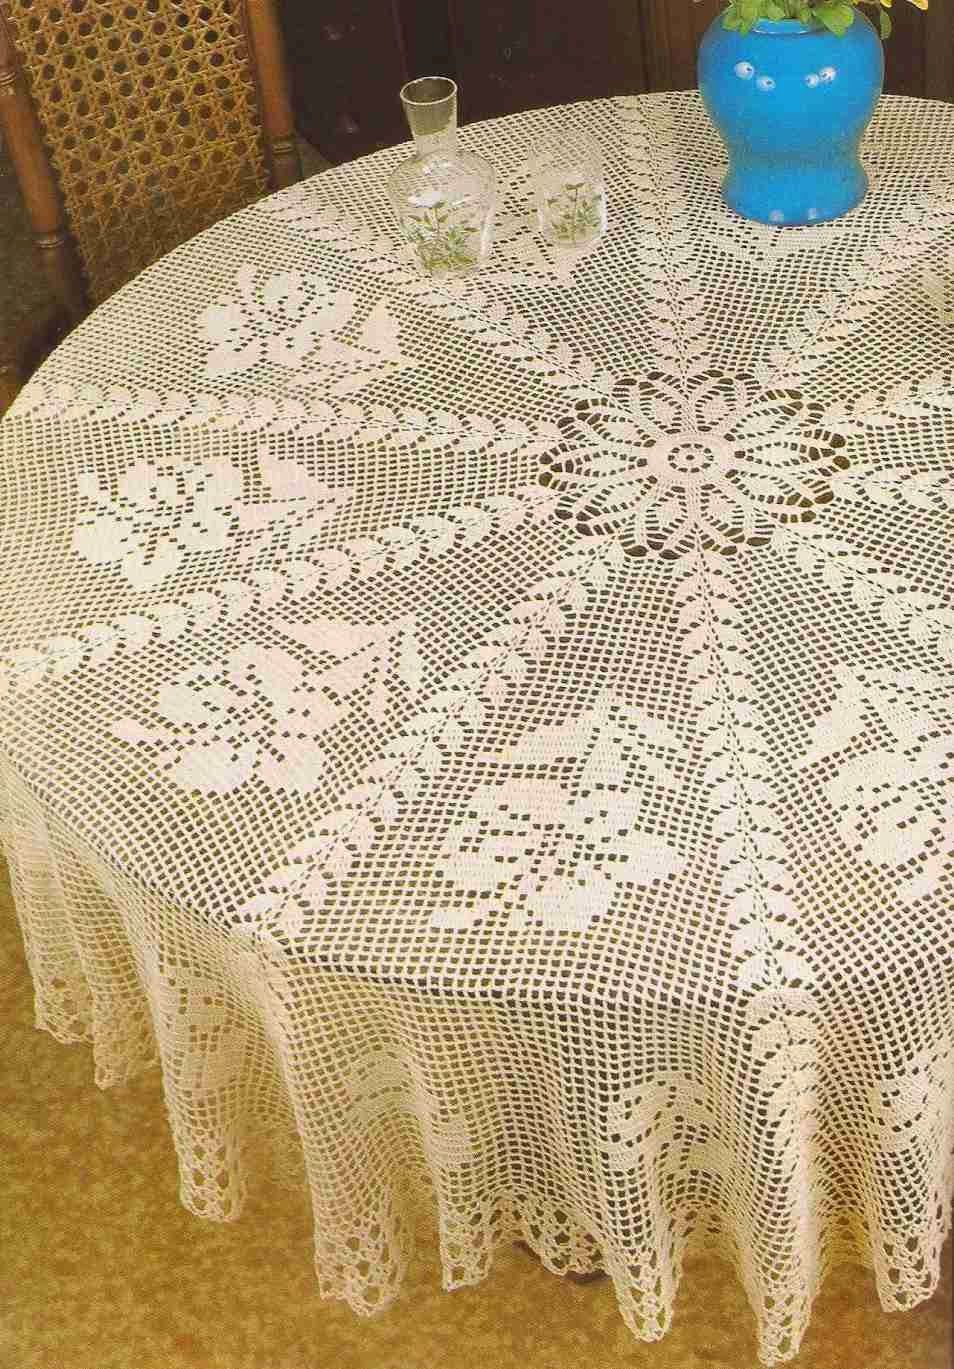 Mantel a Crochet | Crochet tablecloths | Pinterest | Crochet ...